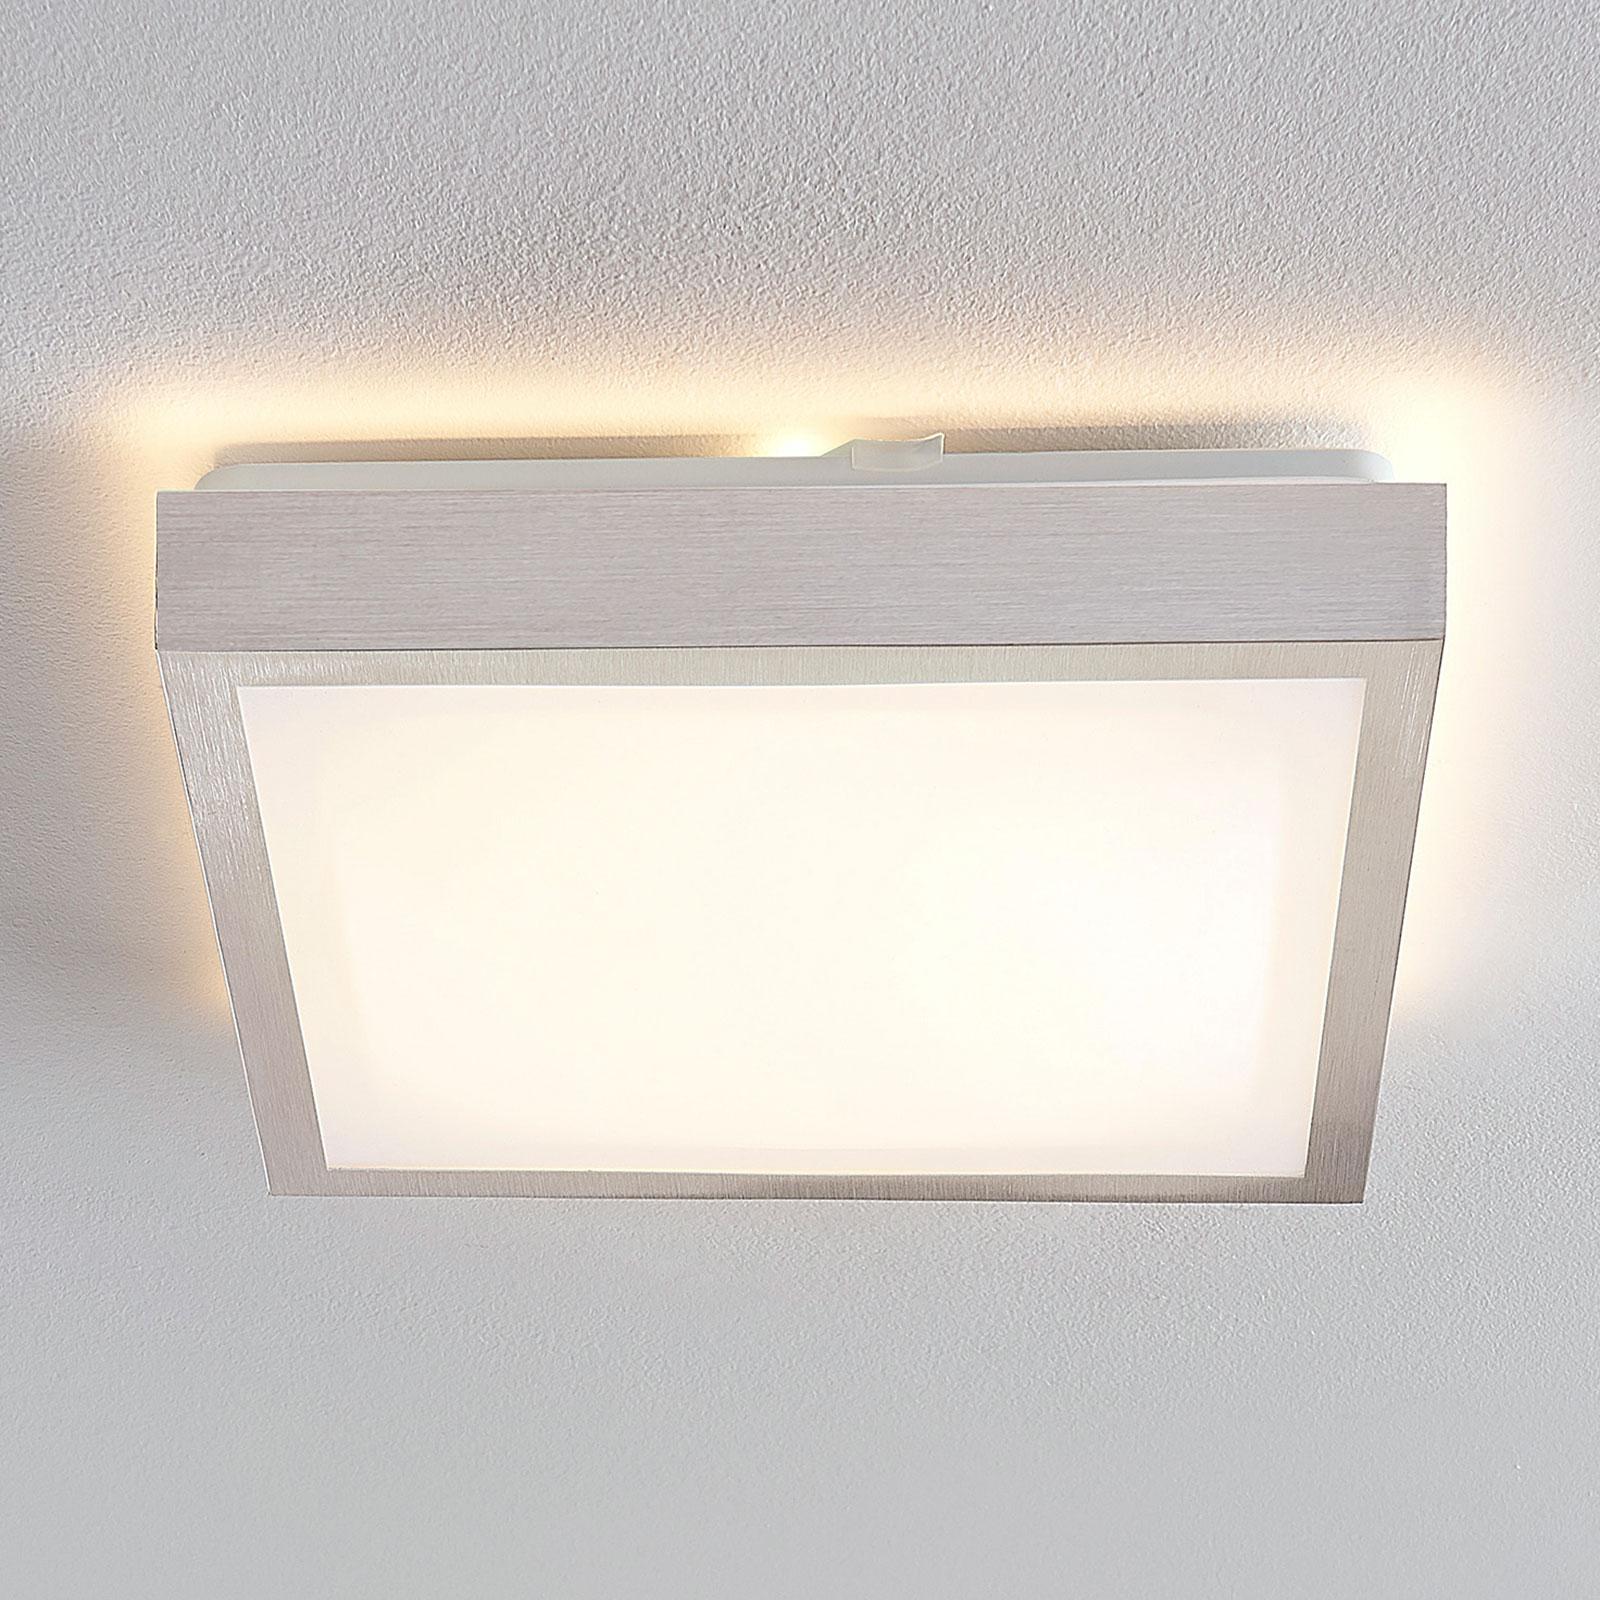 Lindby Margit lampa sufitowa LED alu kątowa, 32 cm